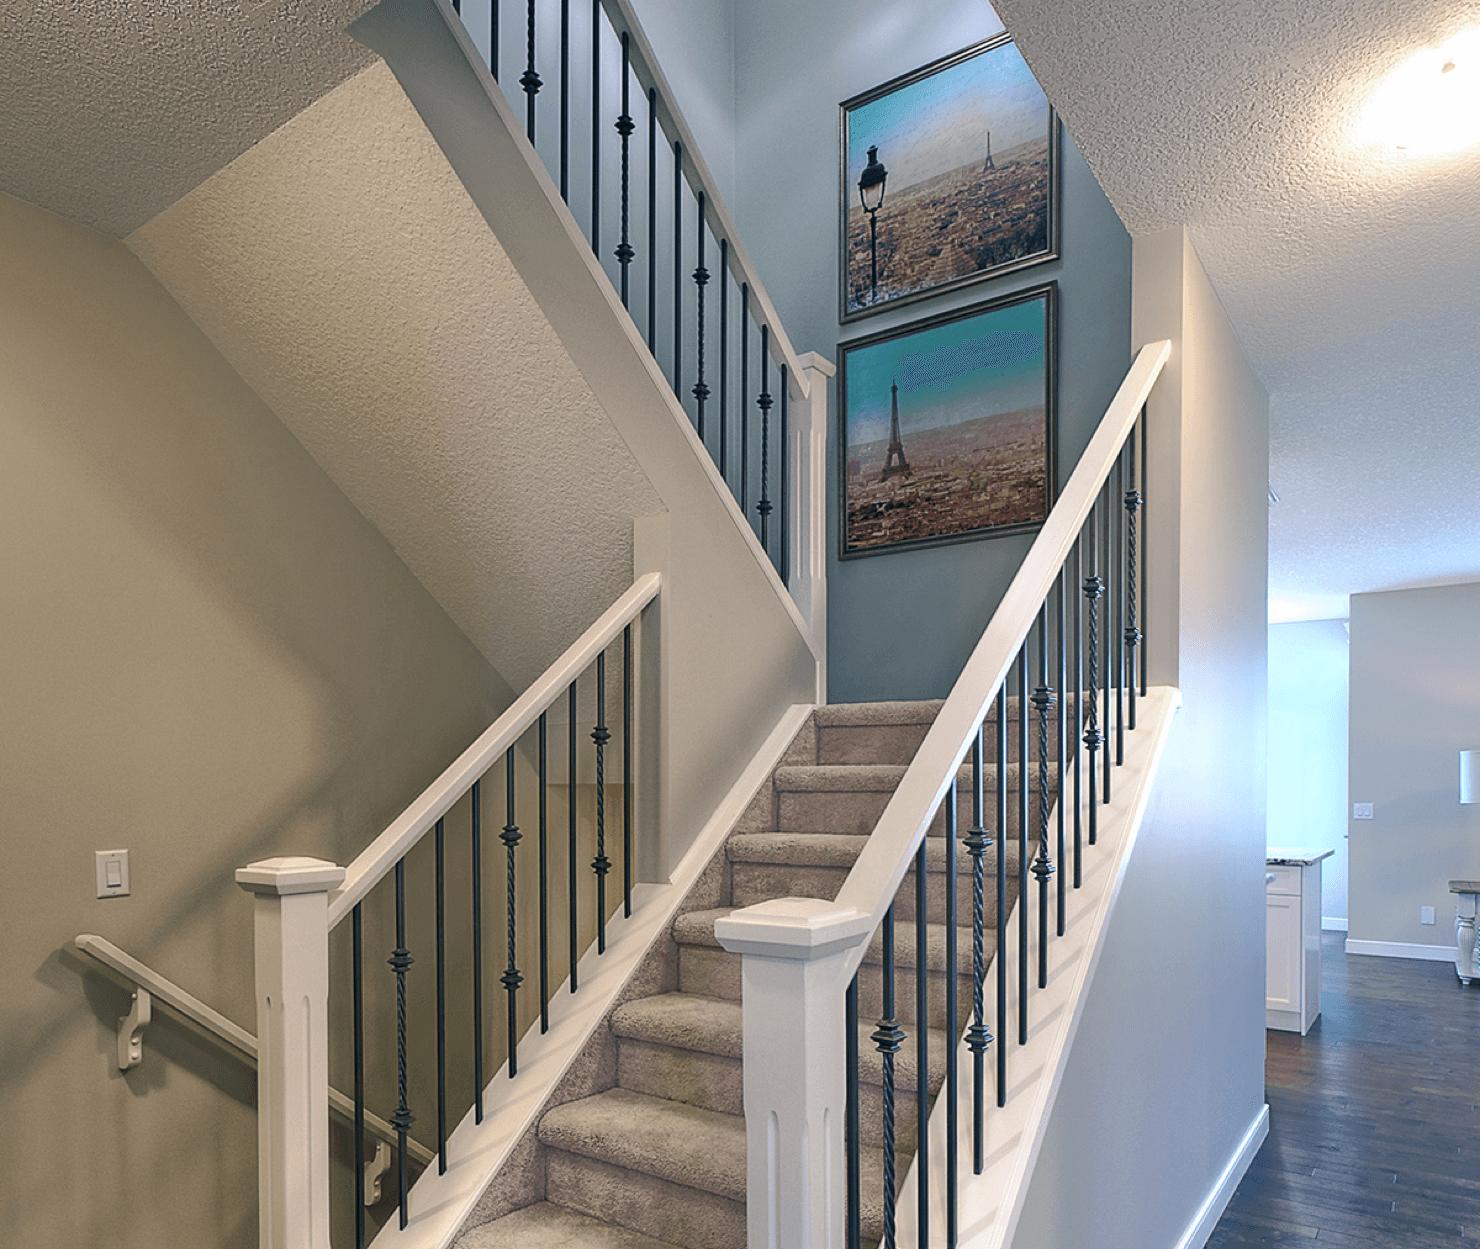 8 Stunning Stairwell Design Ideas Blue Image